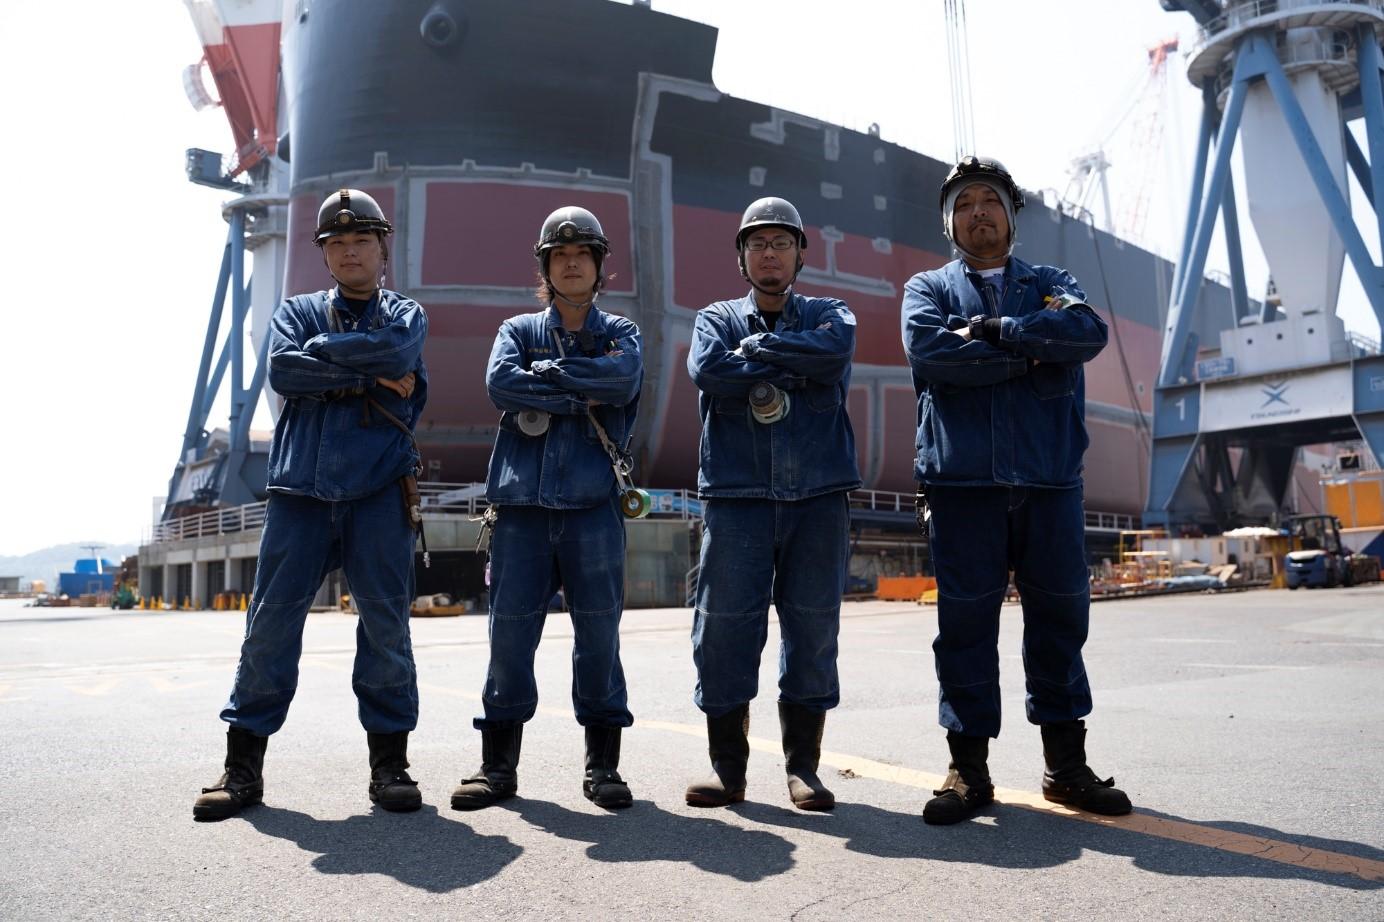 常石造船がユニフォームのリサイクルで地域活性プロジェクトに協力